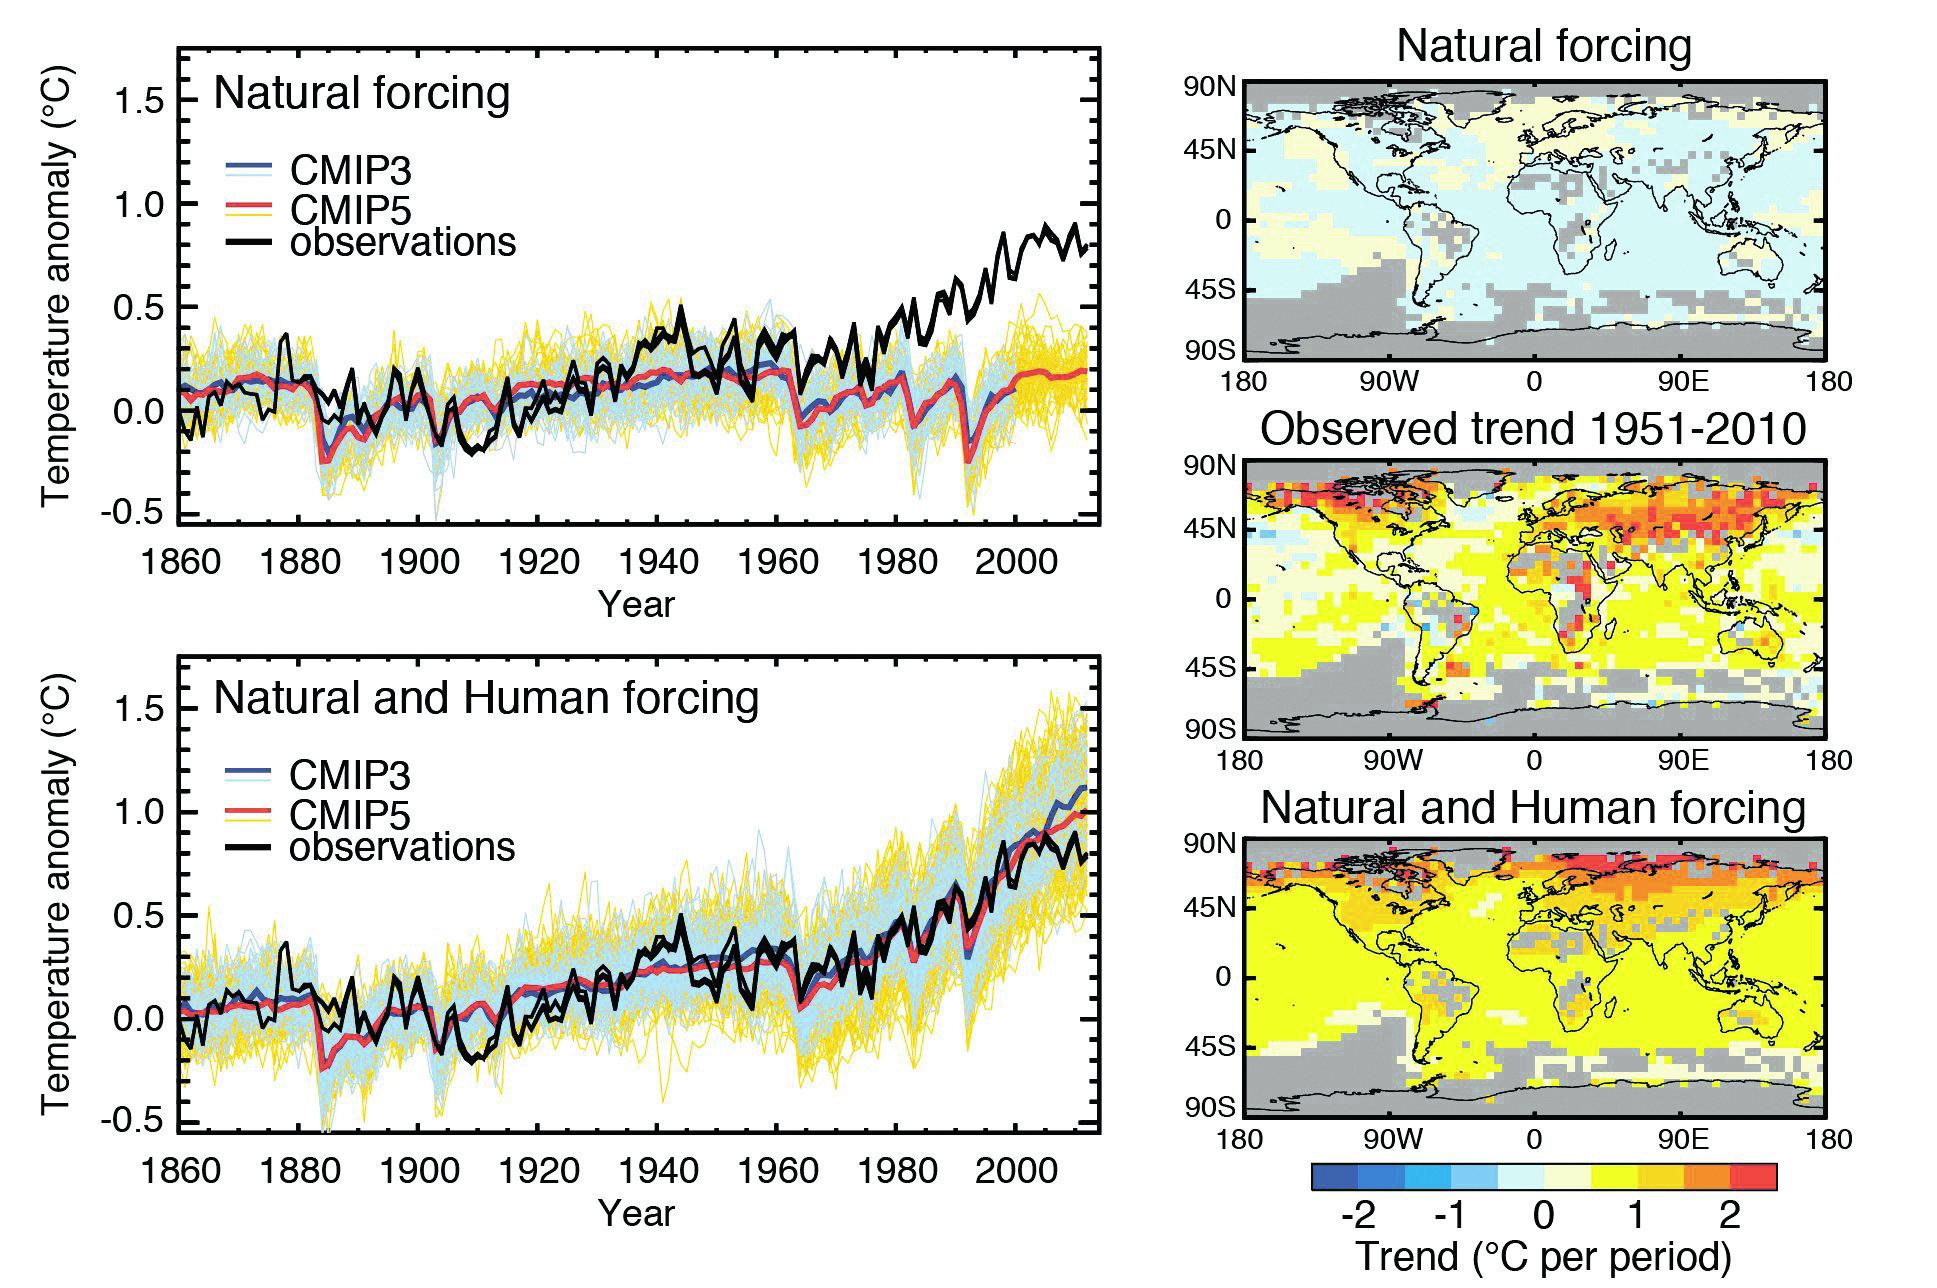 Рис. 2 (МГЭИК 5-й доклад, рис. 10.1): Аномалии температуры, полученные в расчетах исторических изменений климата с 1850 года без роста концентрации парниковых газов (верхняя панель) и с наблюдаемым ростом концентрации (нижняя панель). Справа даны соответствующие географические распределения температурных трендов. Результаты моделирования взяты из двух сравнительных экспериментов CMIP3 и CMIP5